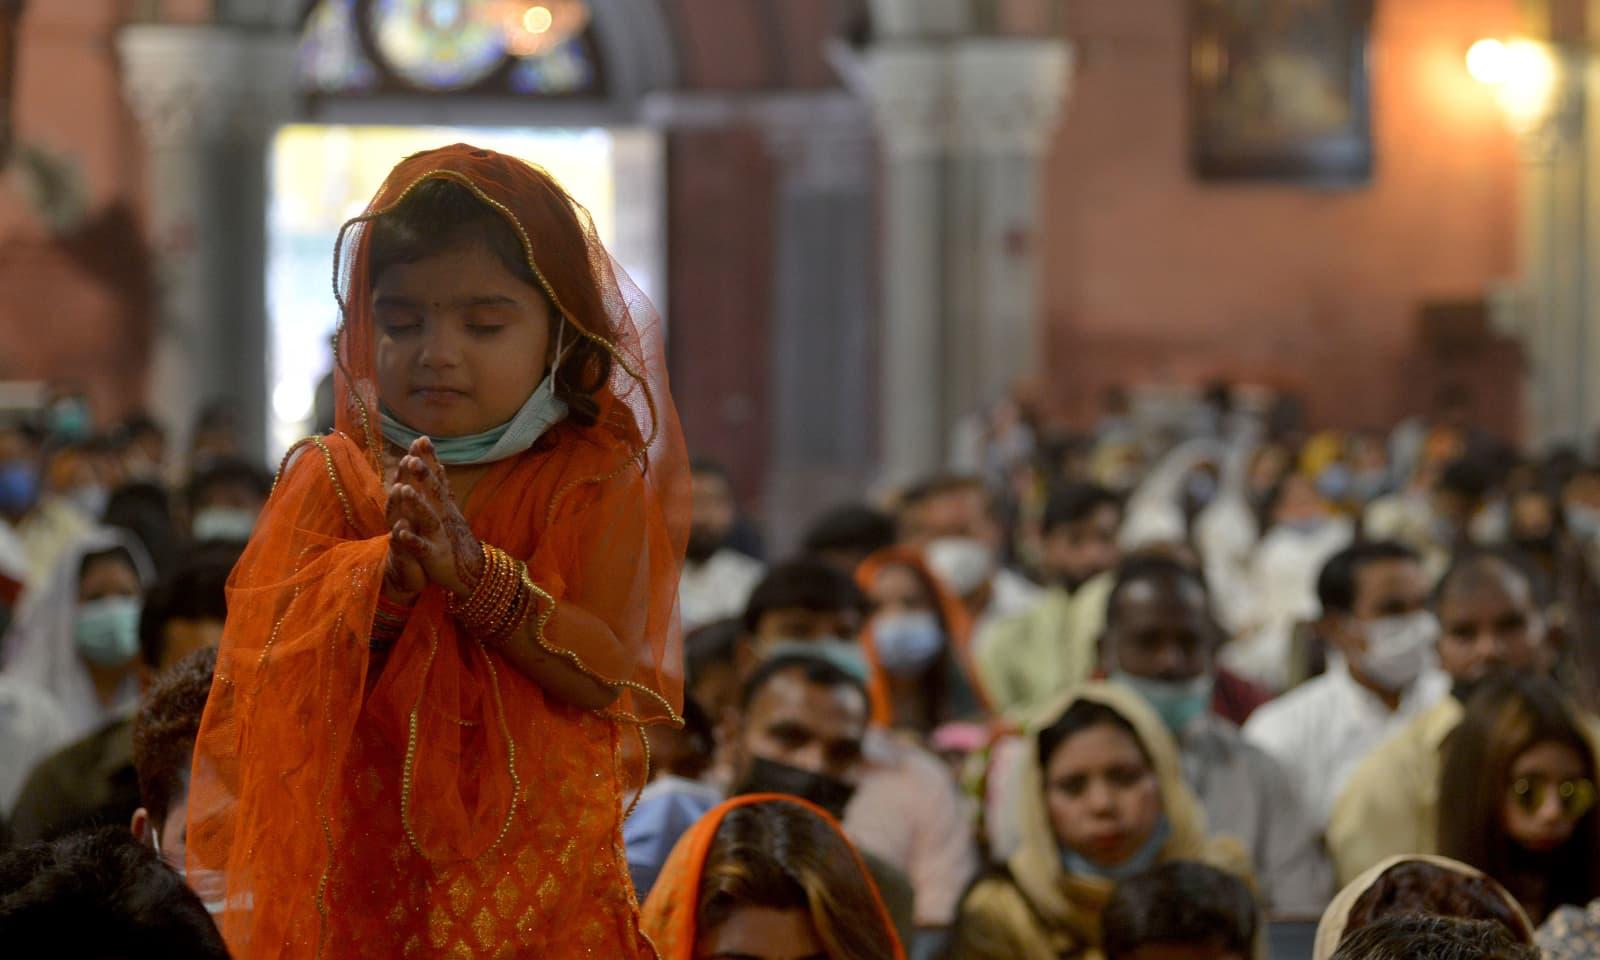 لاہور میں بڑوں سمیت بچوں نے بھی ایسٹر کا تہوار جوش و خروش سے منایا — فوٹو:اے پی